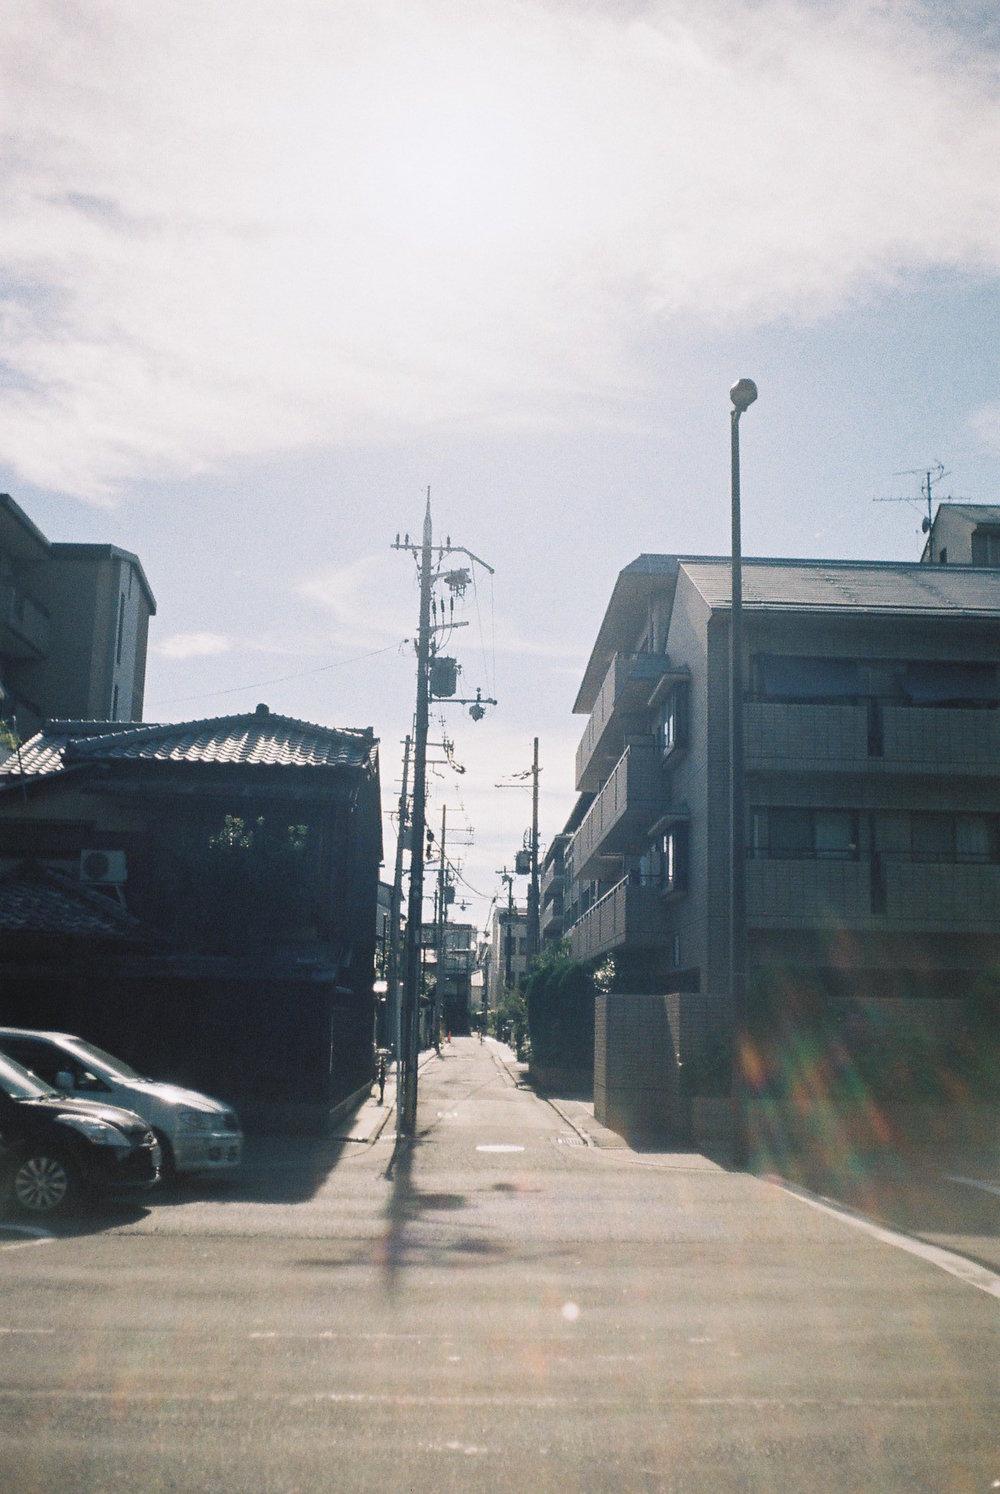 02-JAPON-argentic-Kyoto-aout-2016-031.JPG